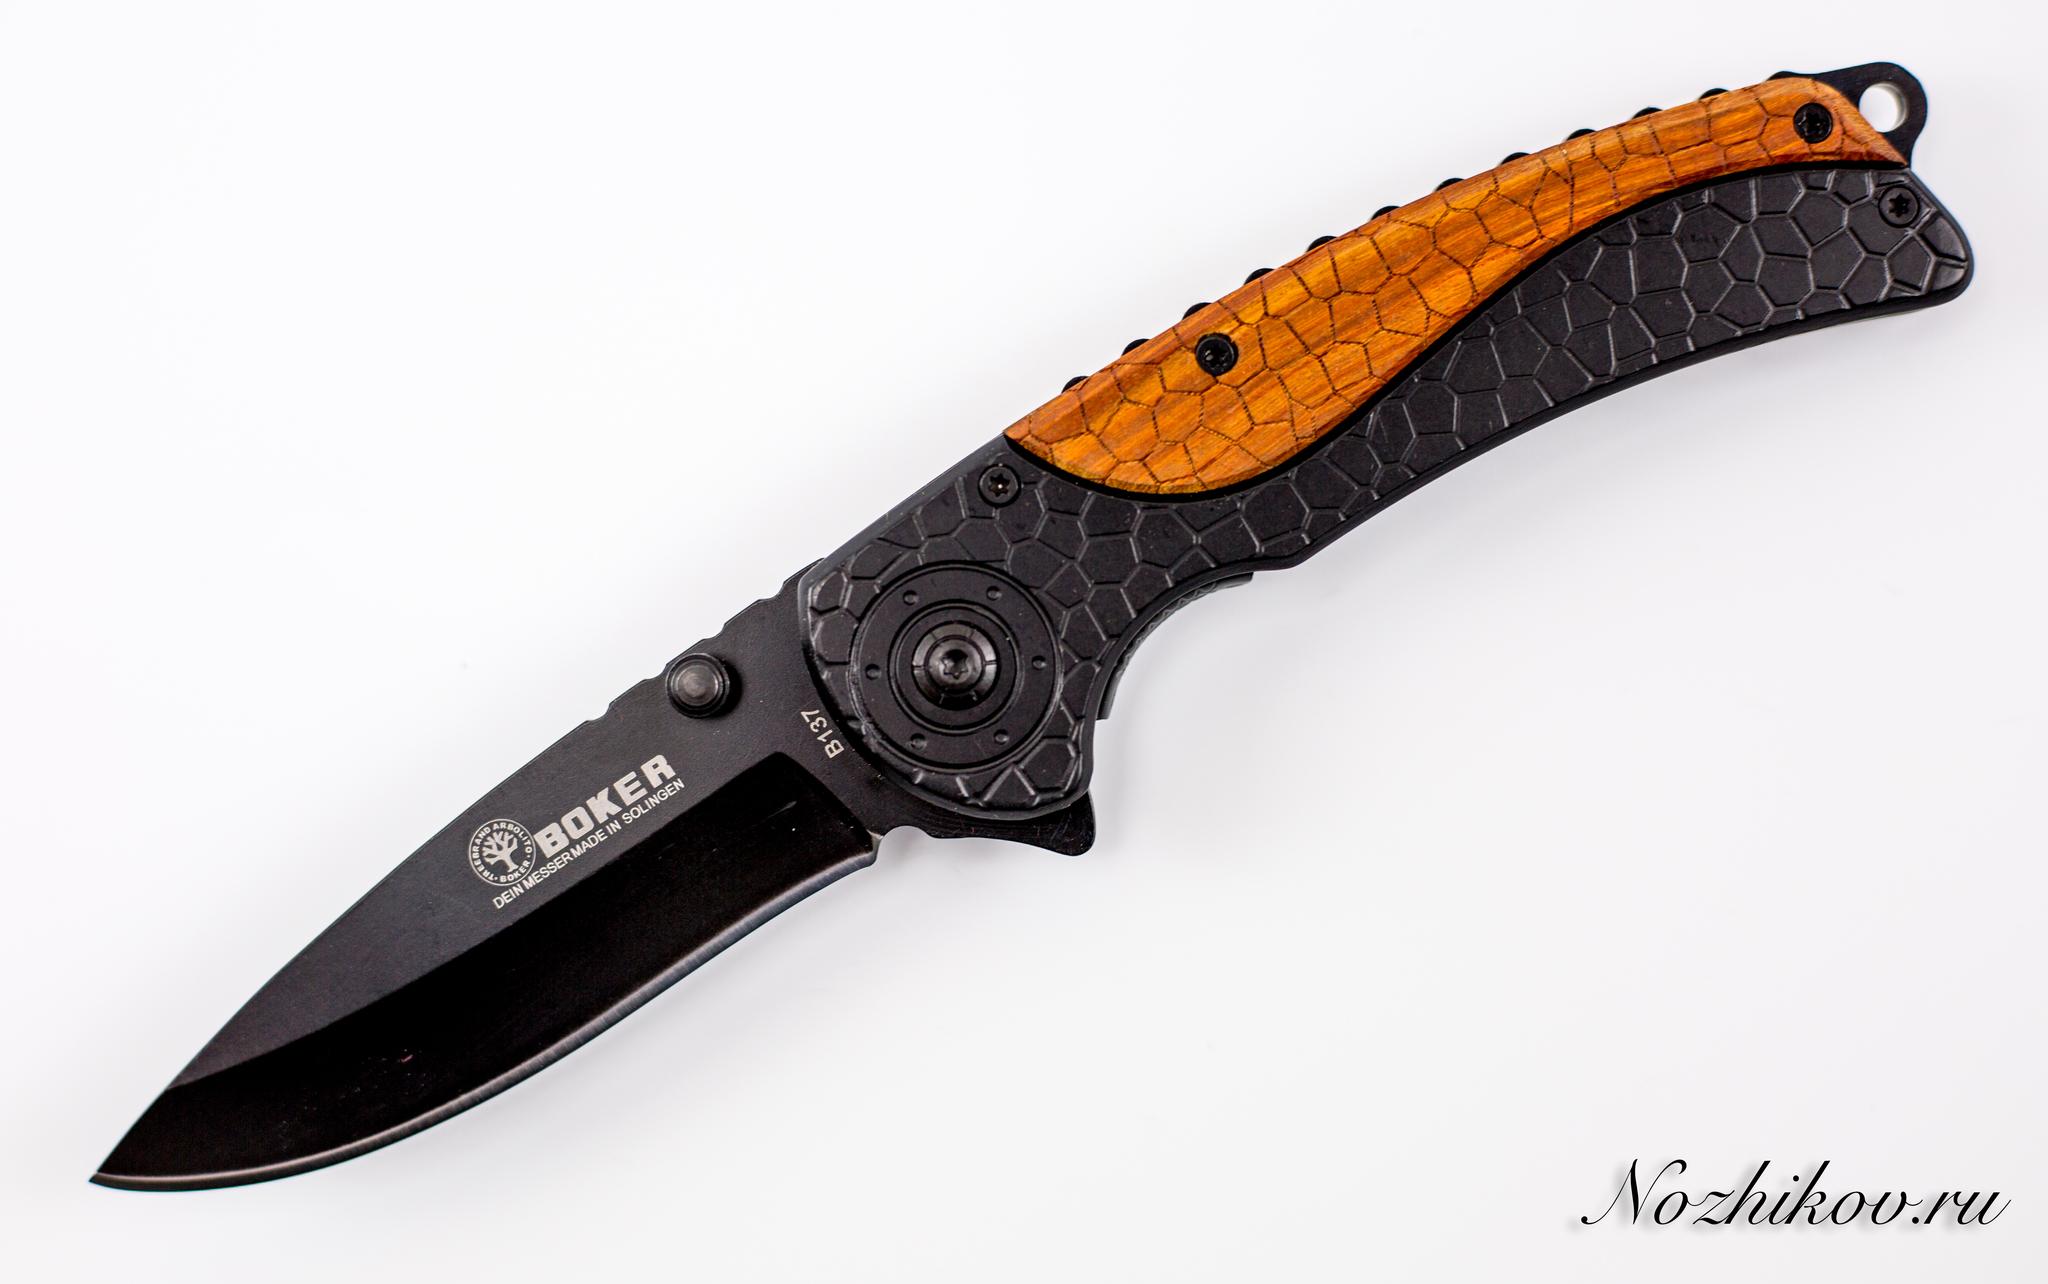 Складной нож Boker B137BРаскладные ножи<br>Компактный EDC фолдер для регулярного использования в городских условиях. К особенностям этой модели стоит отнести автоматическое открывание клинка. Нож оснащен удобной и прочной клипсой, которая позволяет носить нож в кармане, не беспокоясь о его потере. Продуманная рукоятка позволяет уверенно удерживать нож тактическим хватом, что позволяет использовать нож для целей самообороны. Клинок ножа изготовлен из нержавеющей стали и покрыт антибликовым покрытием. Нож также можно использовать дополнительно ножа во время выездов на природу.<br>